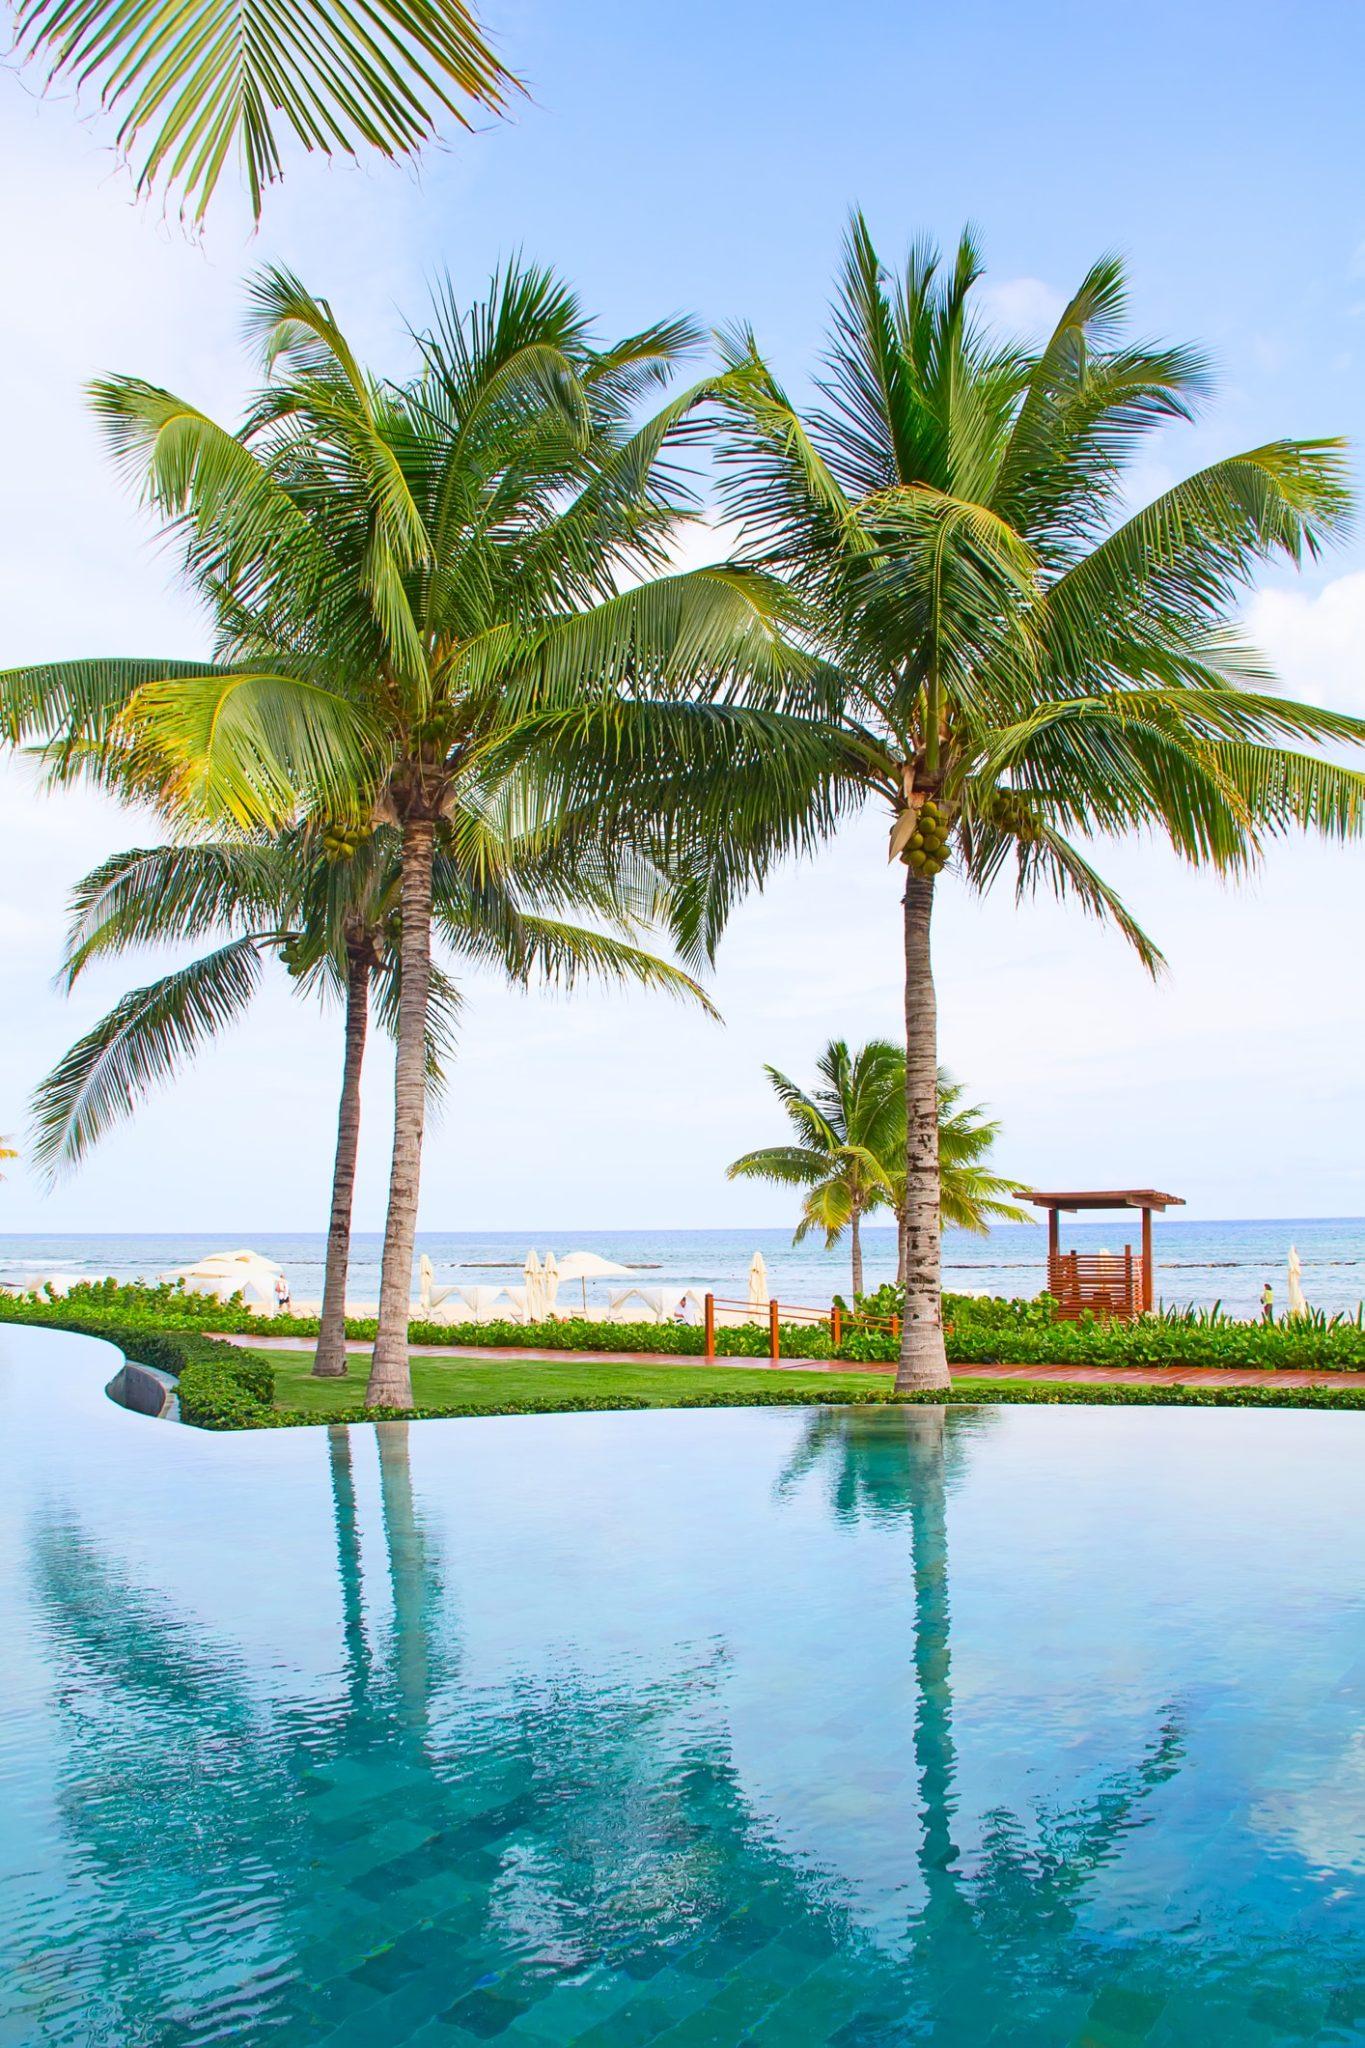 Palmy v Cancúnu